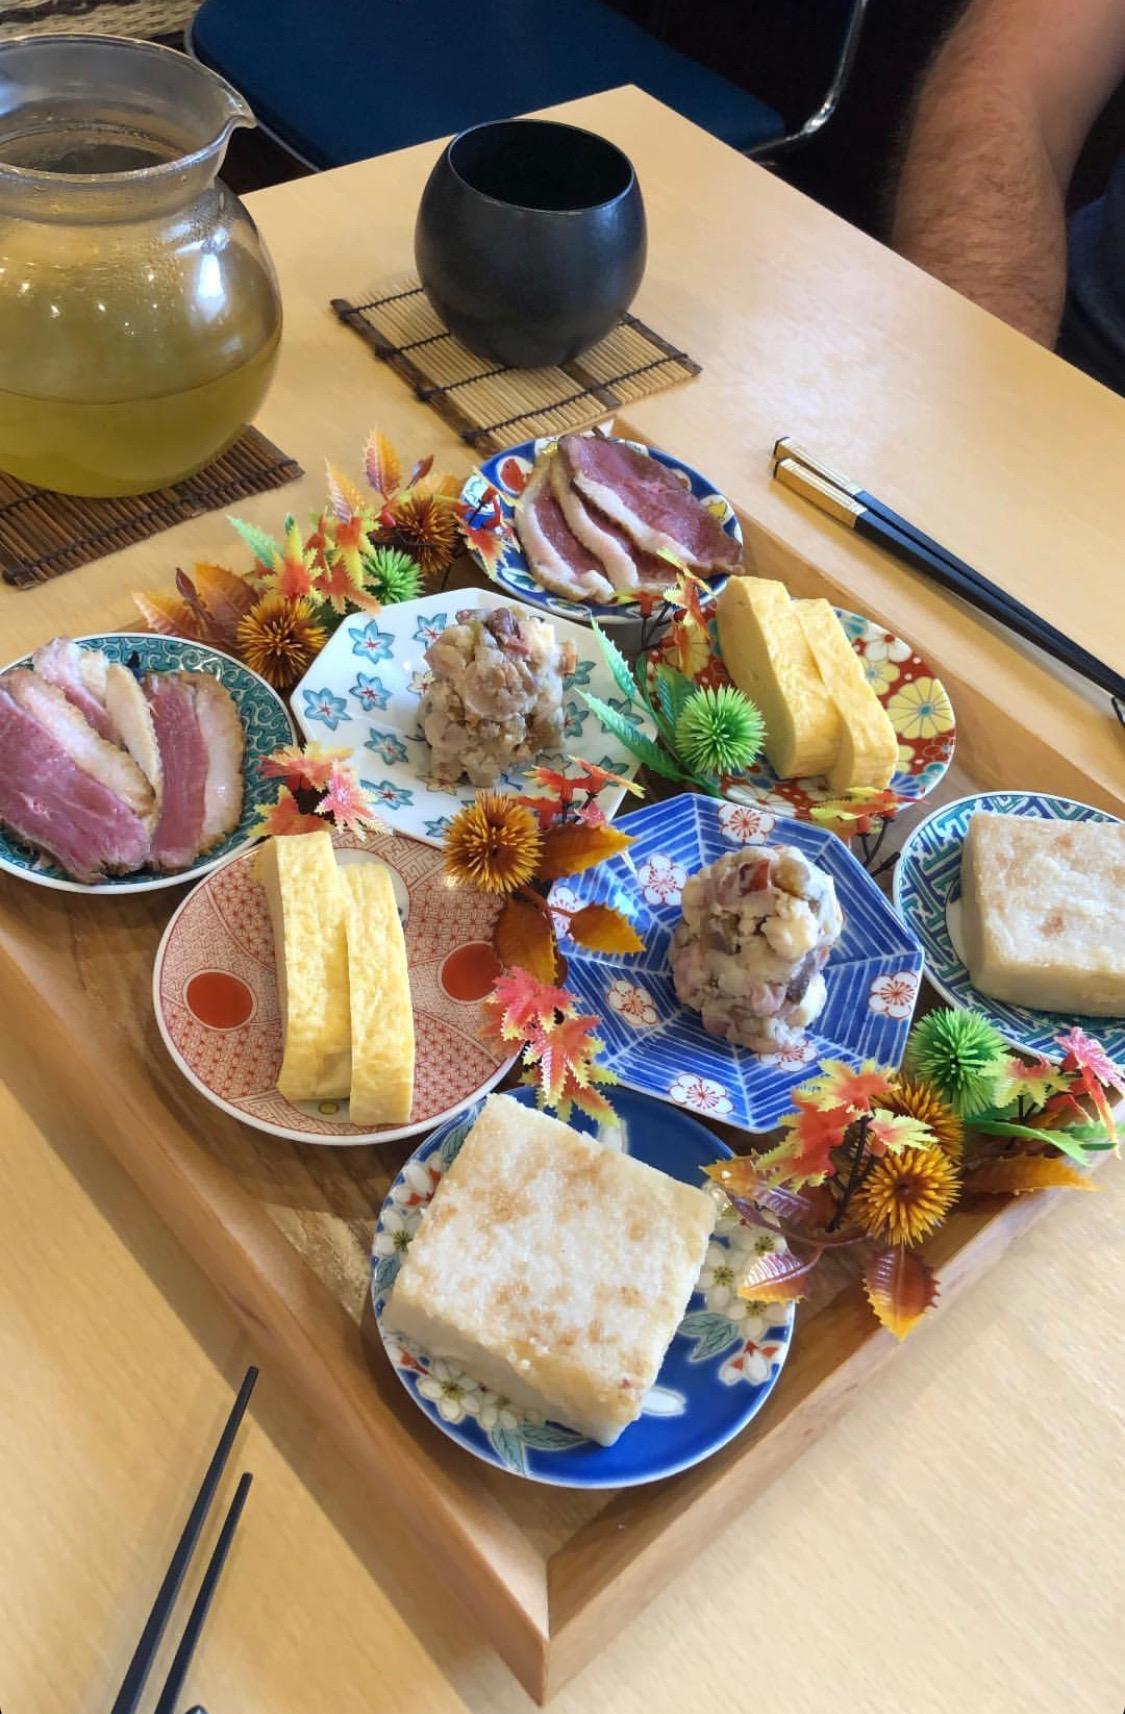 Terakawa traditional small plates in Nara, Japan.